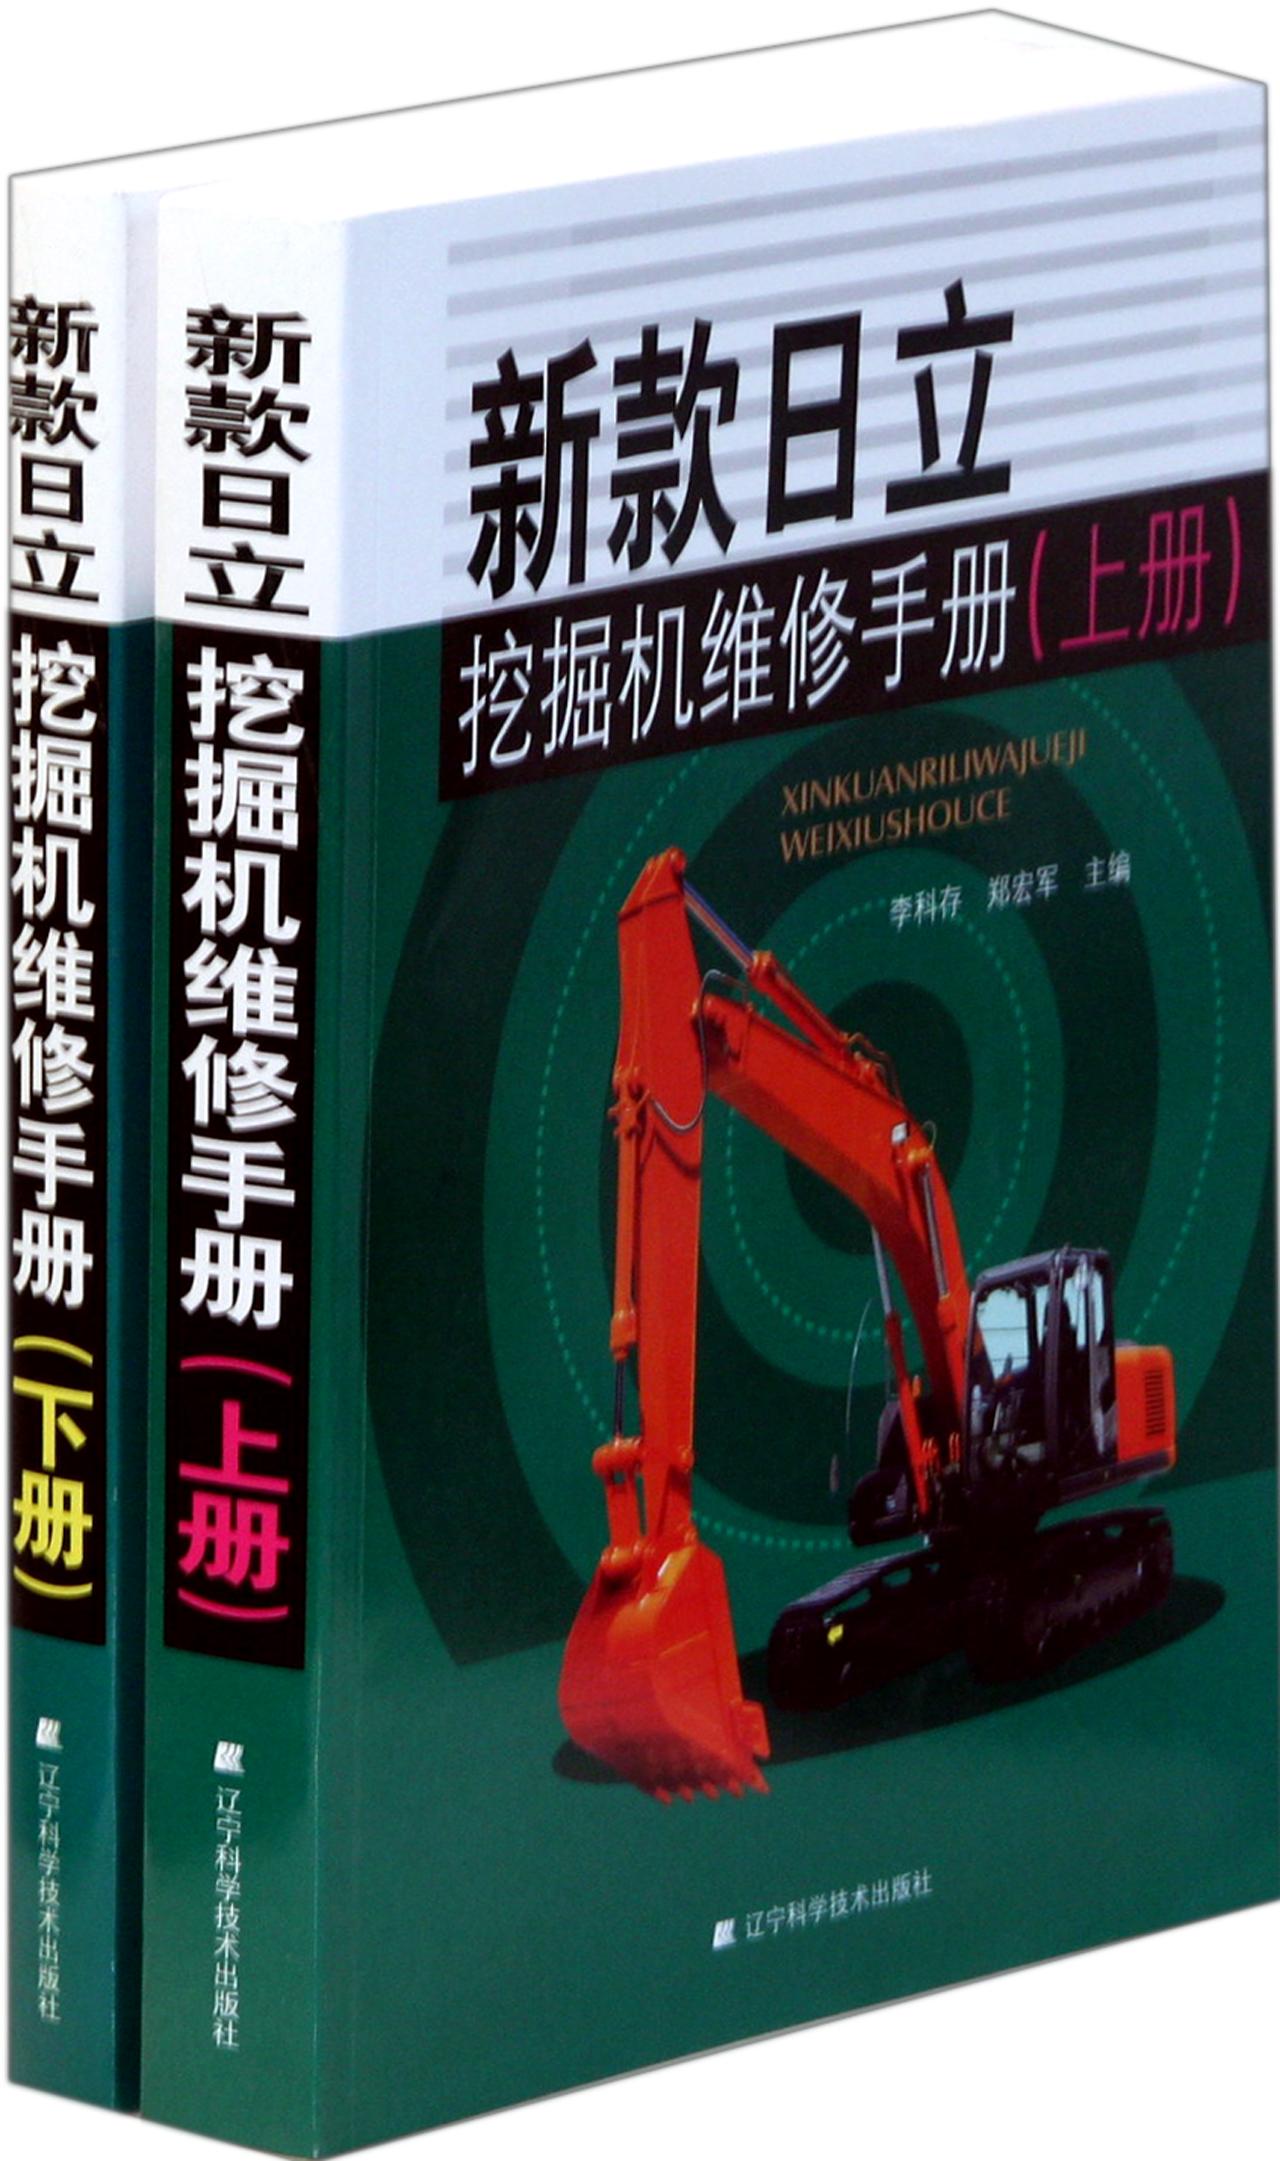 新款日立挖掘机维修手册上下